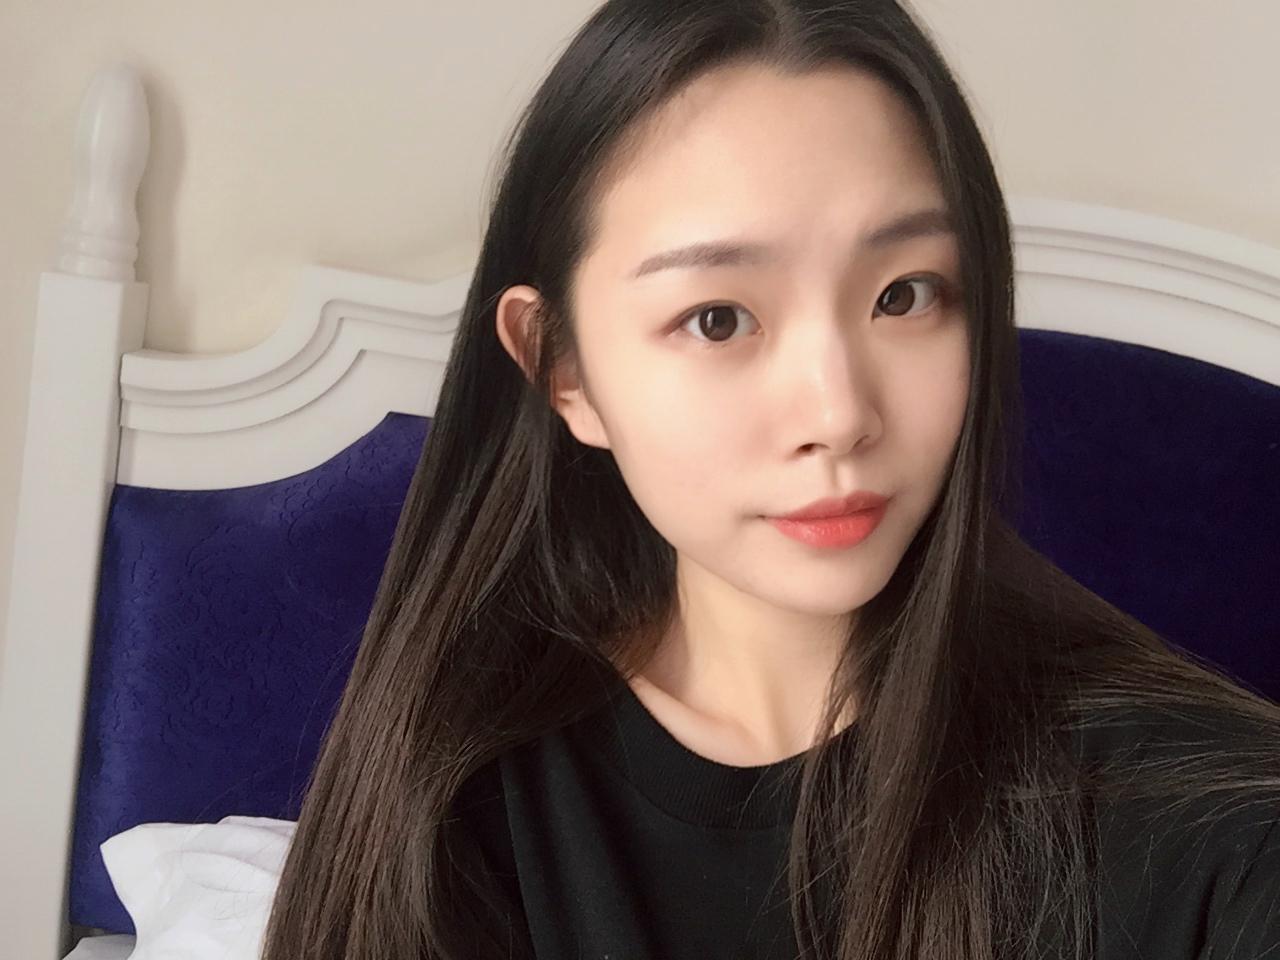 校花美女 马昊琳 现就读于北京市音乐舞蹈学校 18届表演艺考生